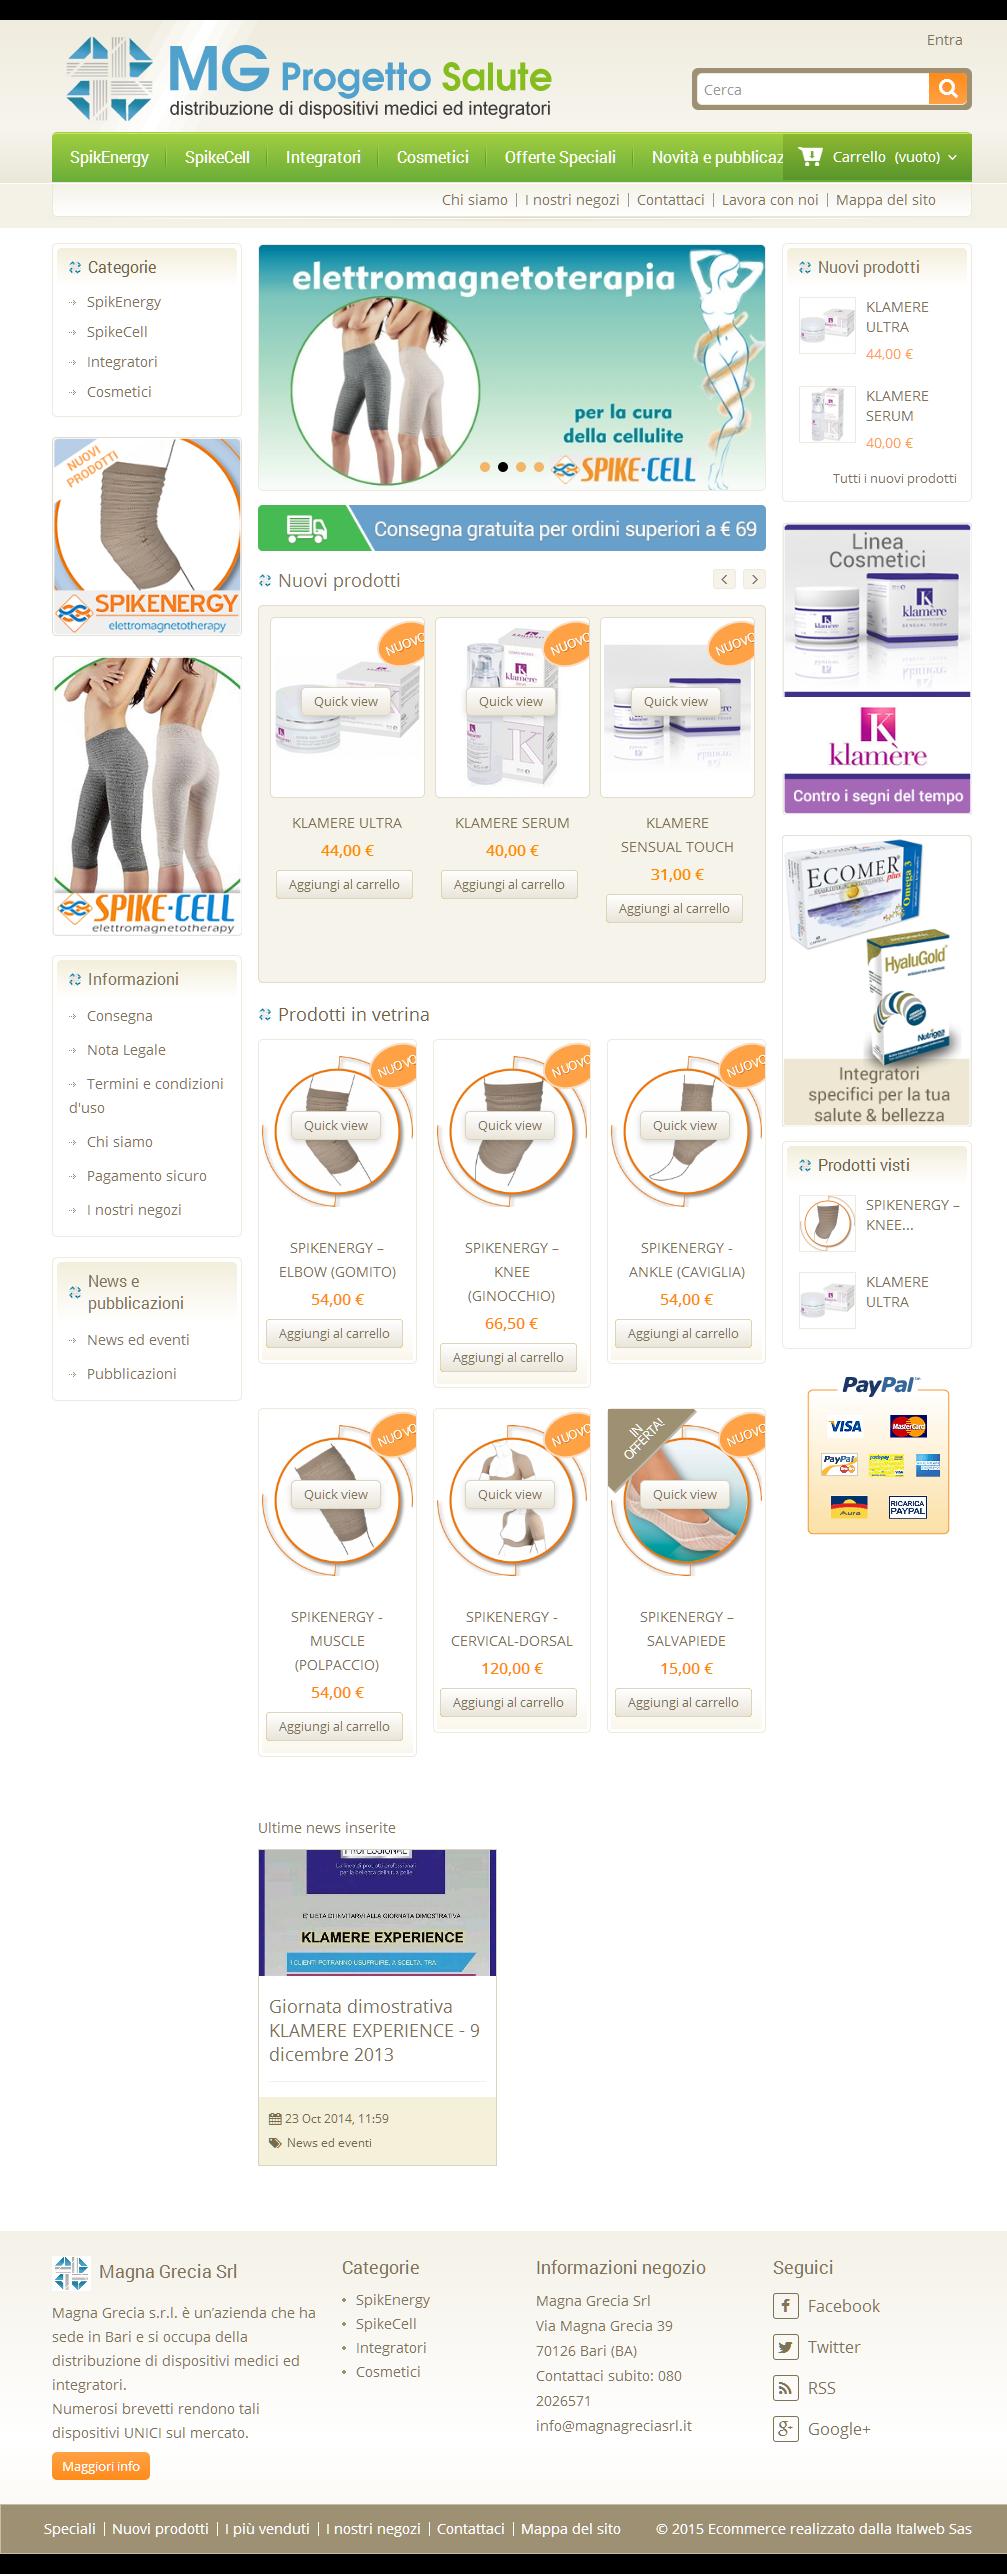 E-commerce - Mg Progetto Salute